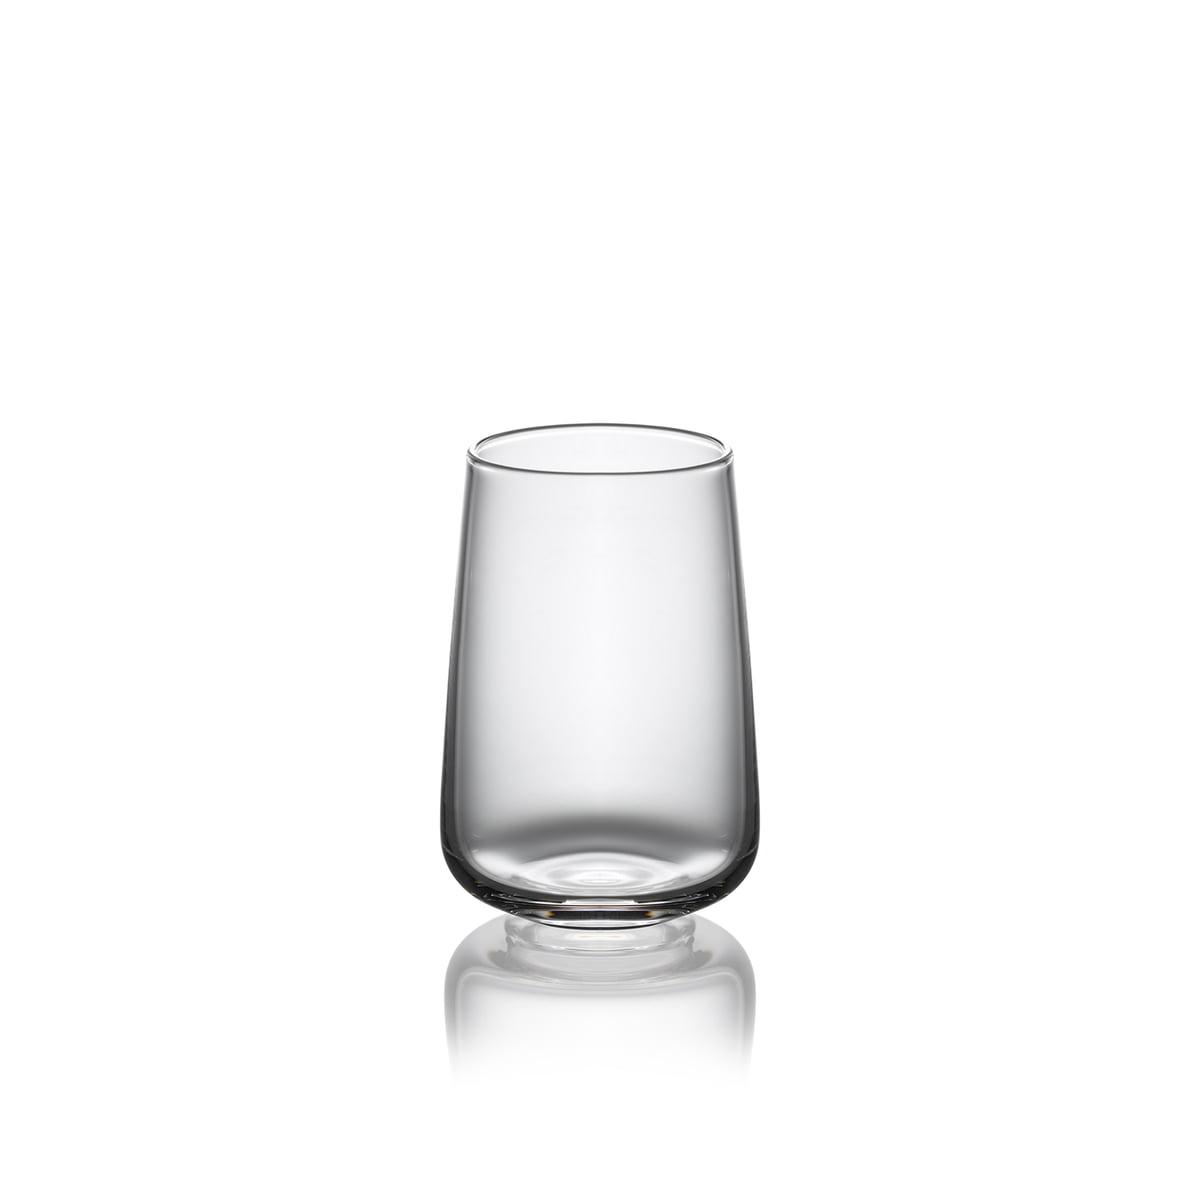 Schnapsglas von Auerberg | Connox Shop